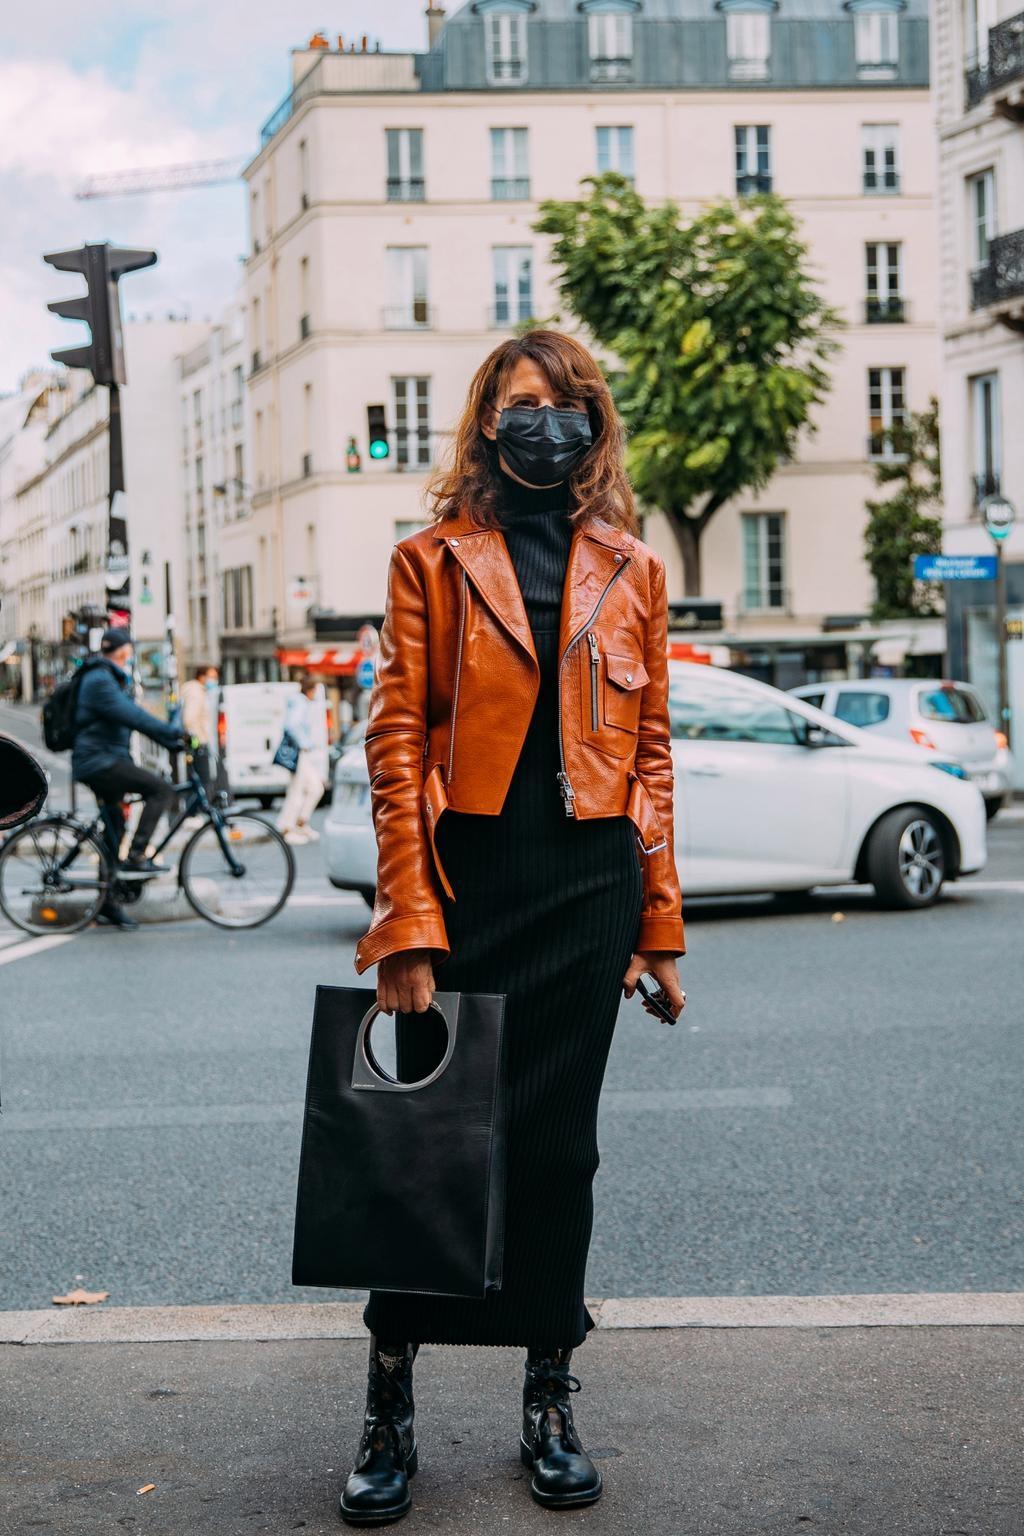 Khẩu trang đen được chuộng ở Paris Fashion Week - Hình 6